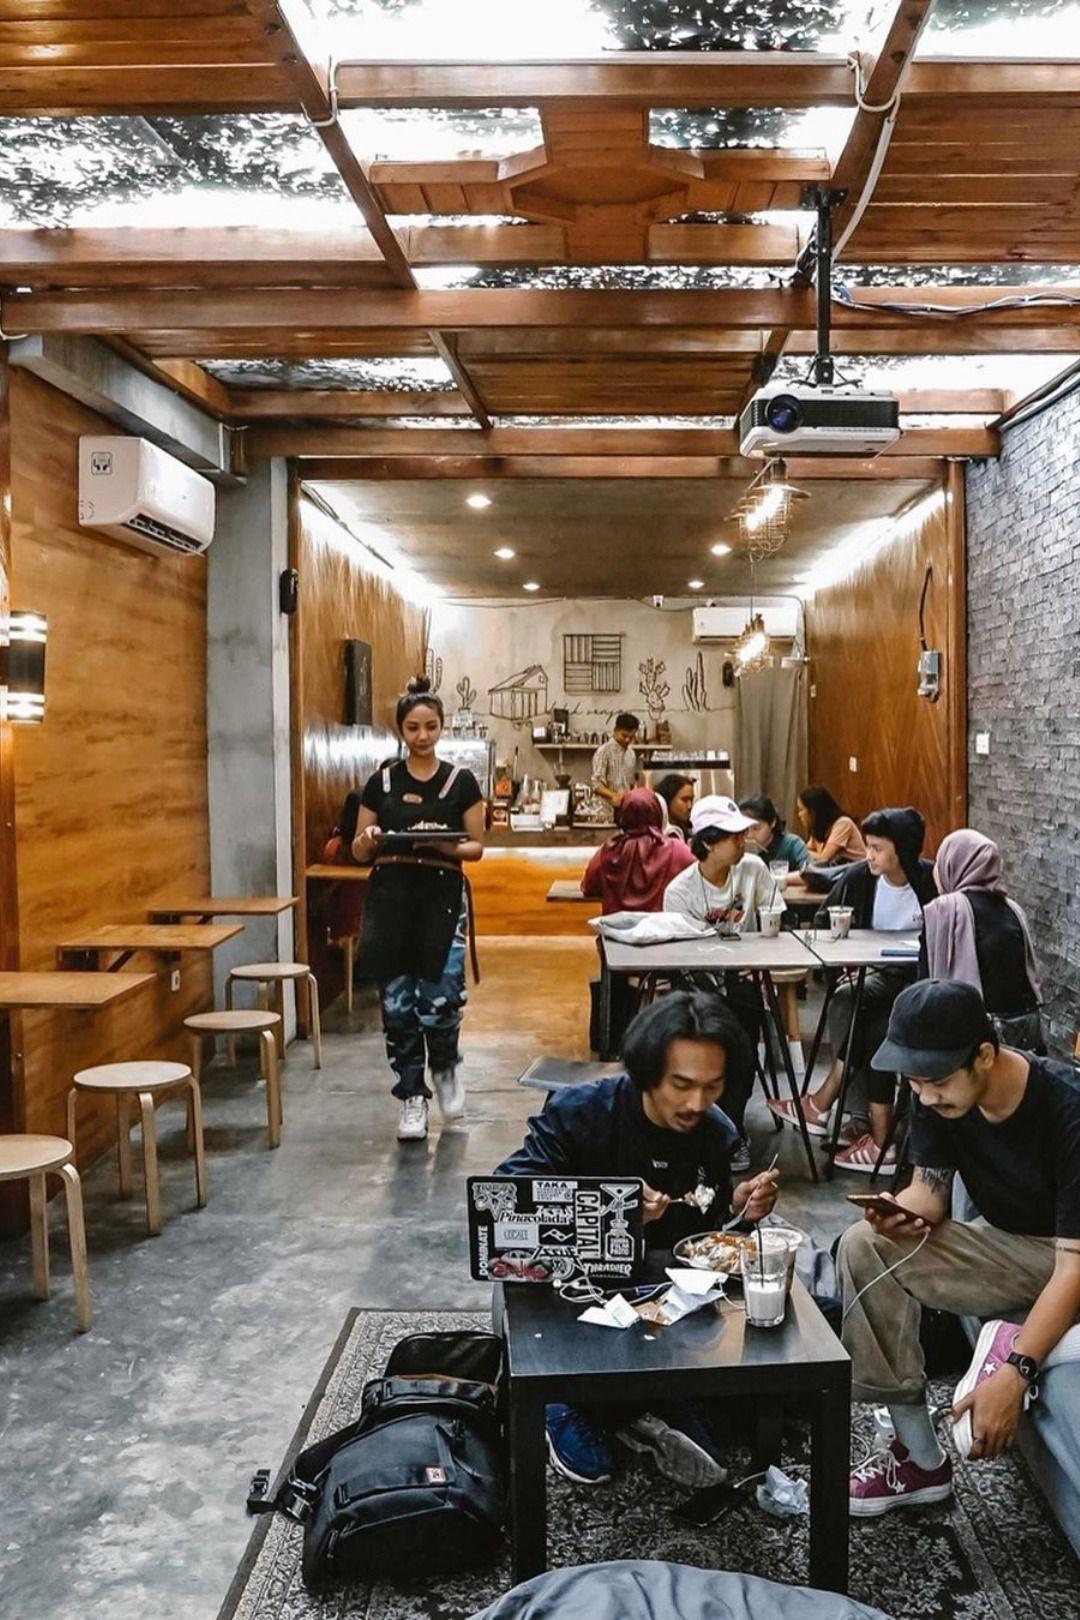 Bilik Senja Kopi in Jakarta, Indonesia